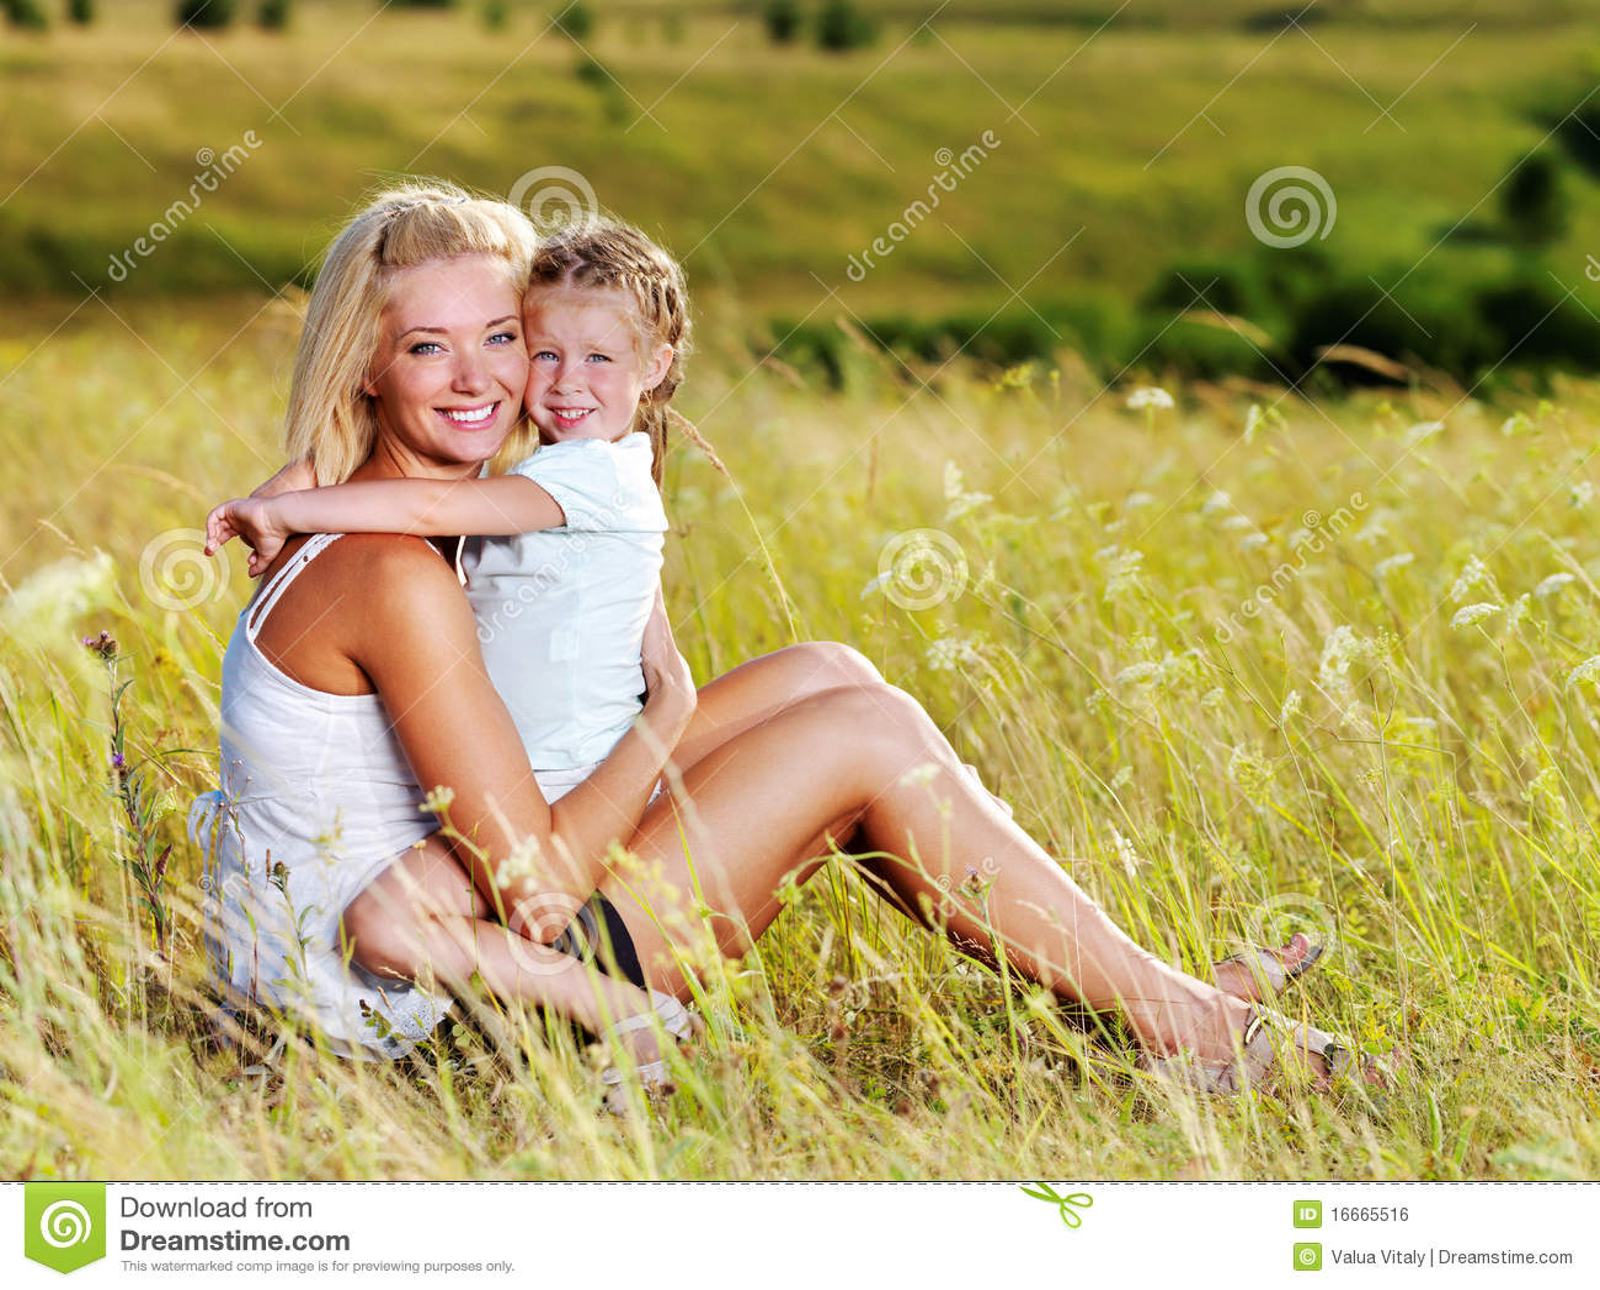 Развлечении матери с дочерью 13 фотография